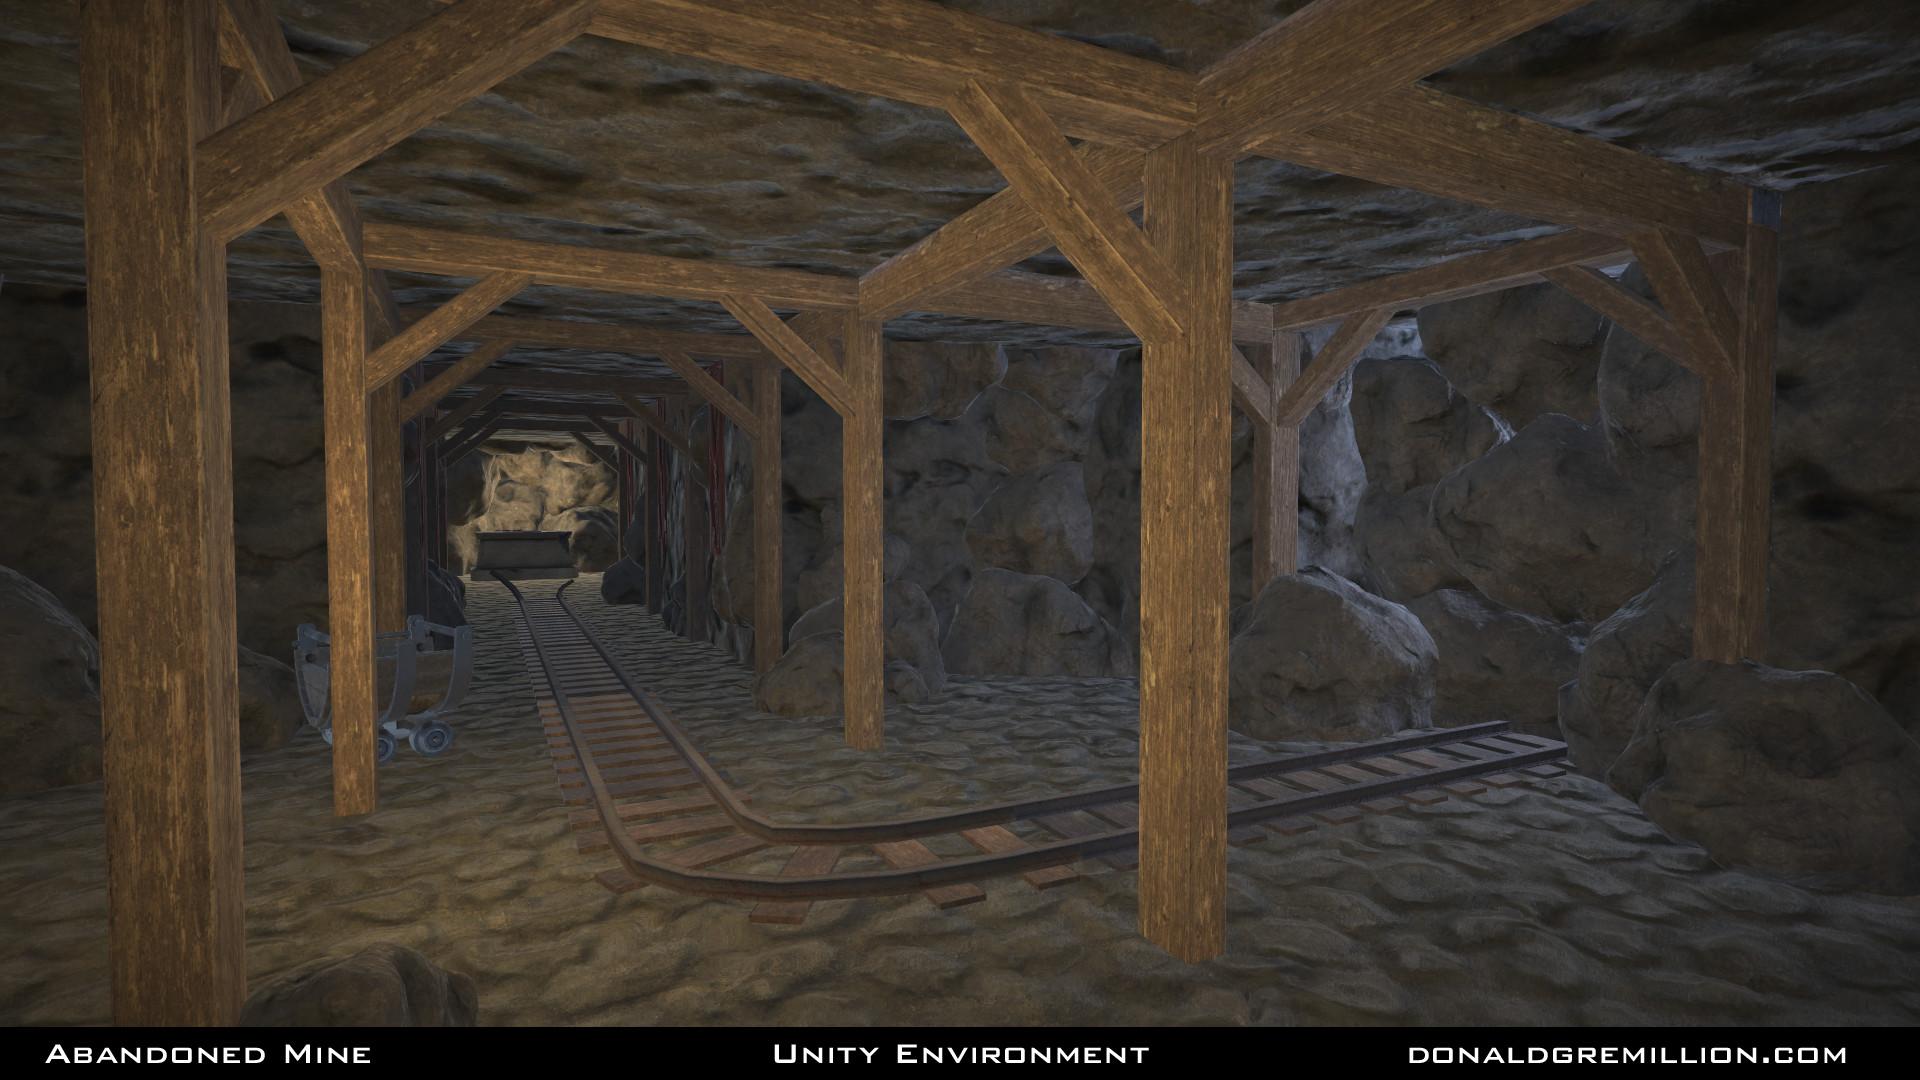 Abandoned Mine - Unity Environment